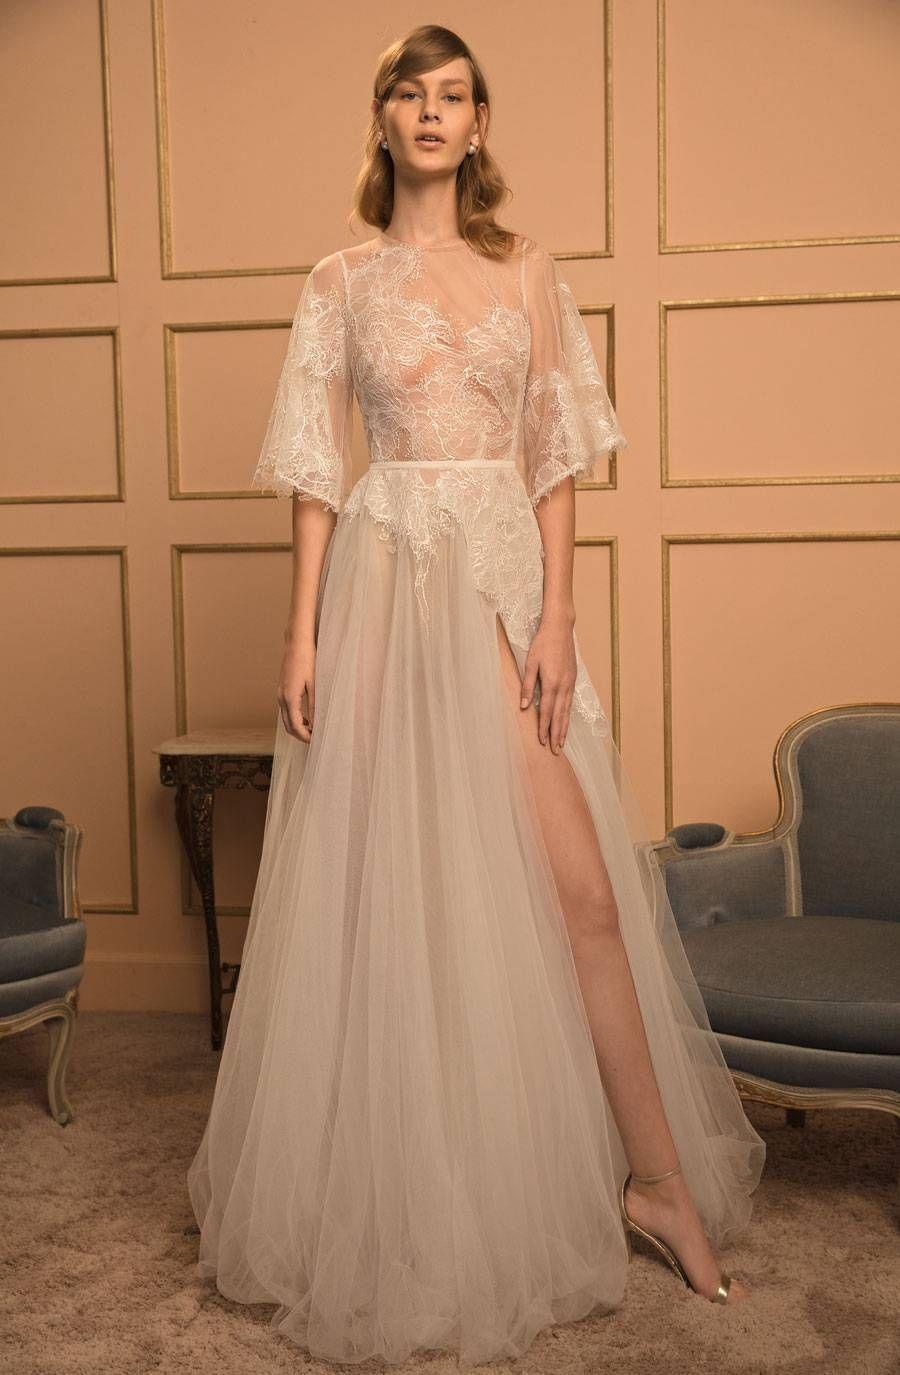 Amazing wedding dresses dana harel udaydreamu fashion